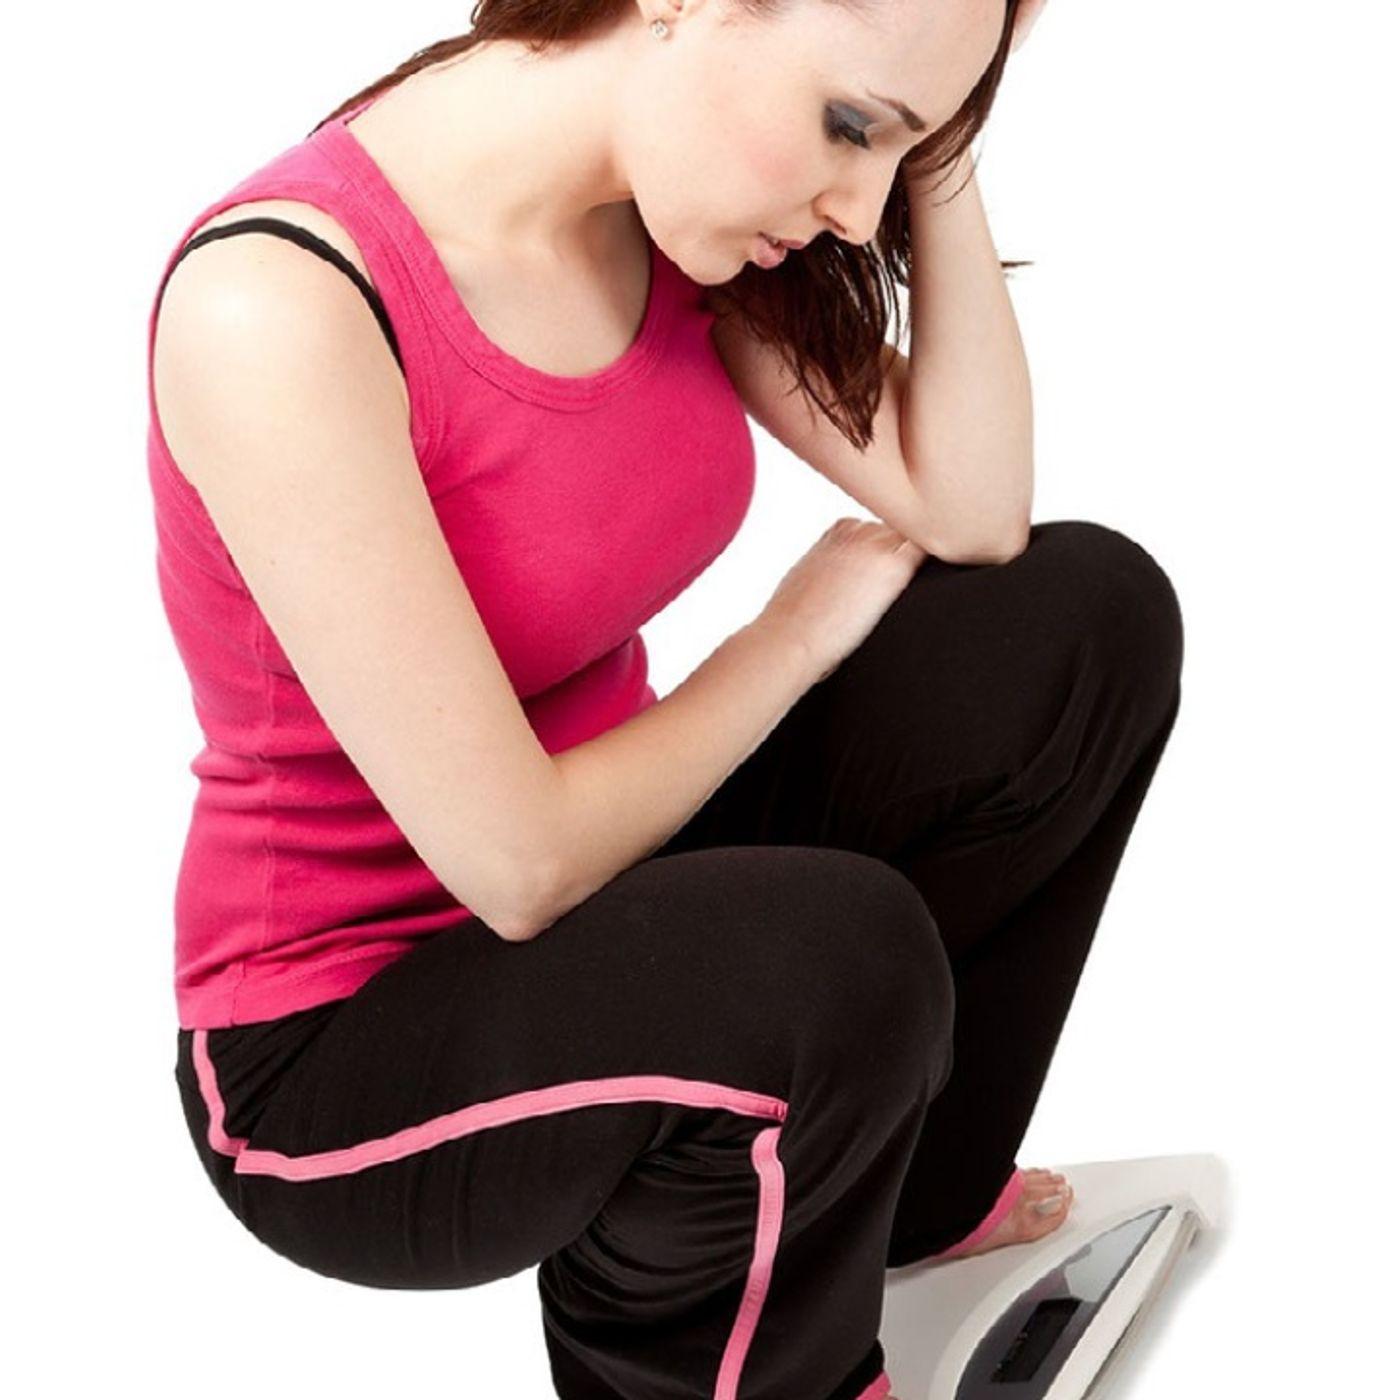 Blocco del peso? - Motivi e STRATEGIE per USCIRNE - Reverse Diet